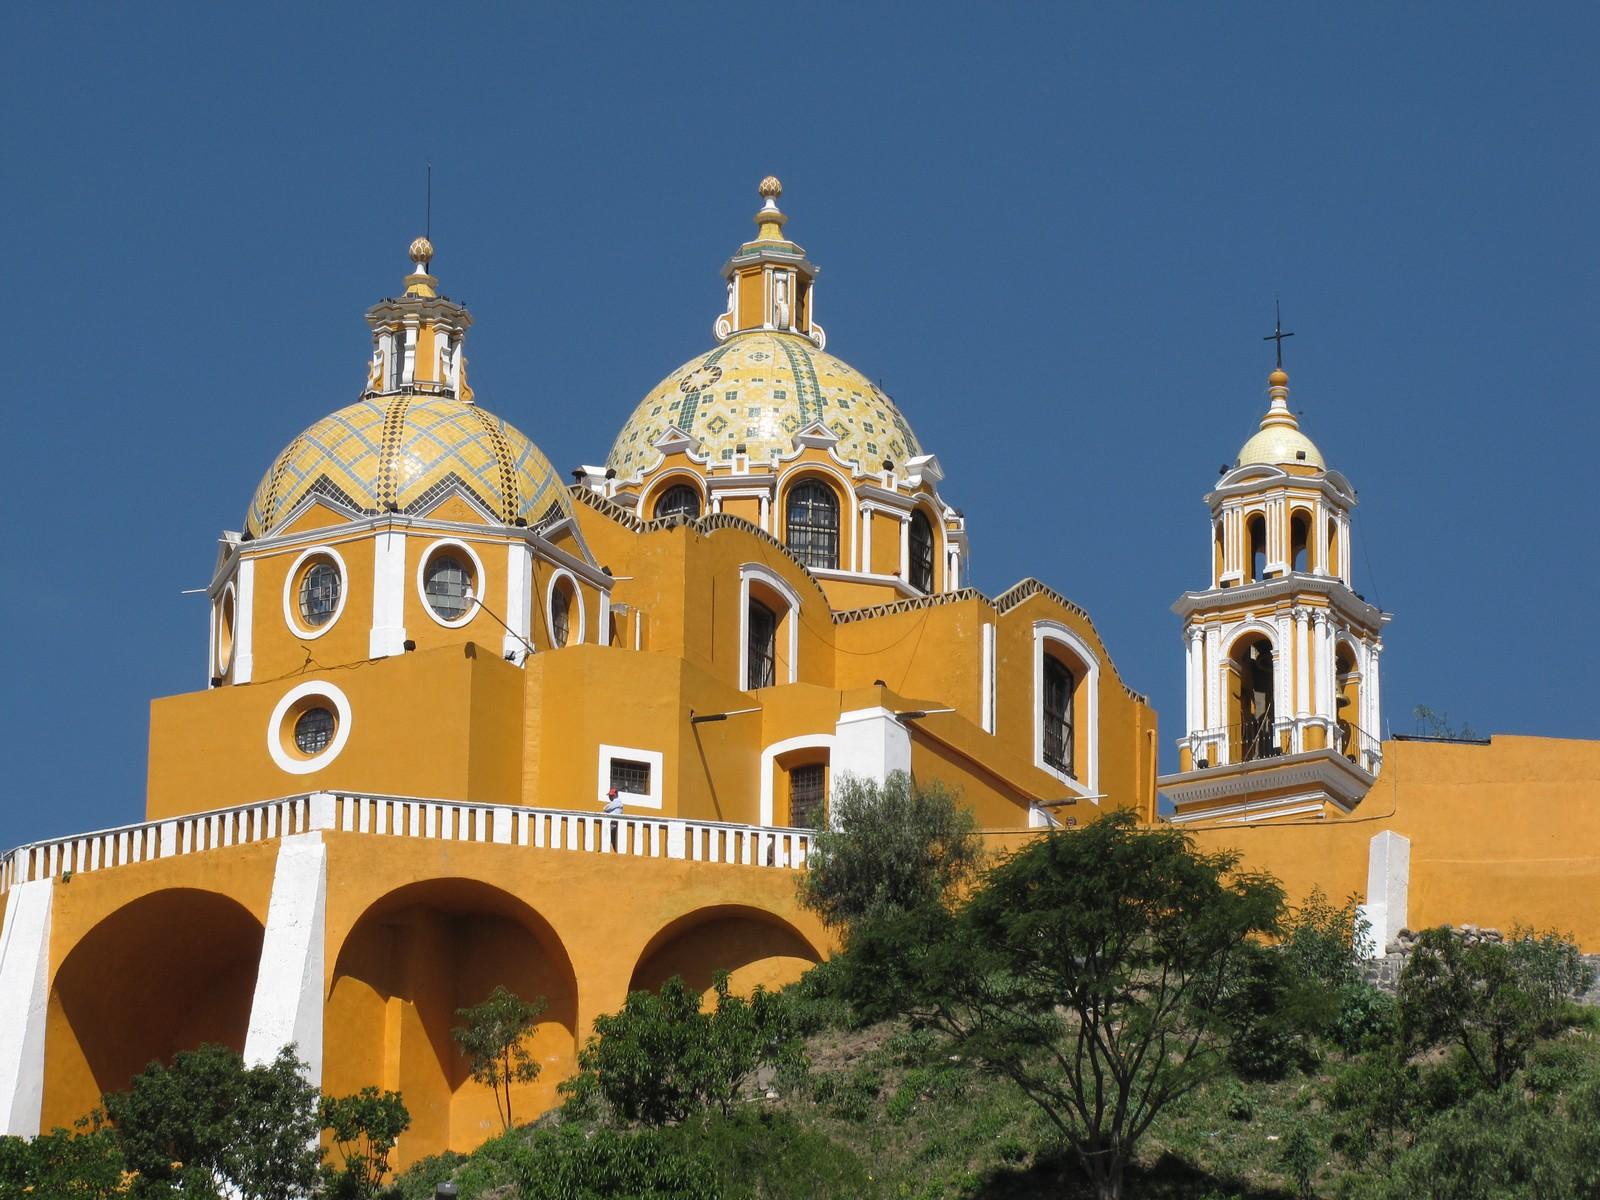 Presidió la Primera Misa en México: Virgen de los Remedios, México (1 de septiembre)